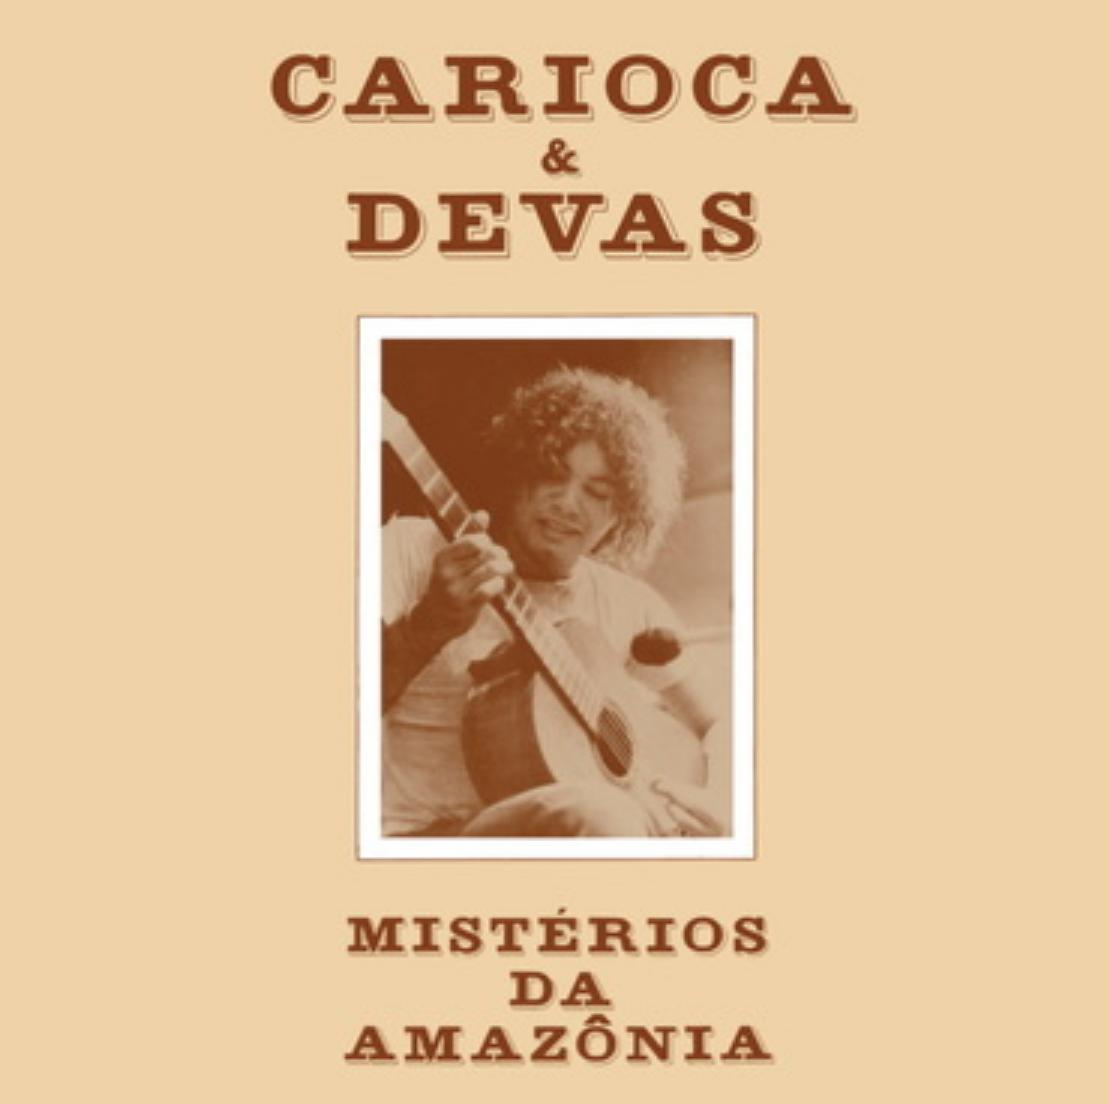 Altercat Carioca - Misterios da Amazonia